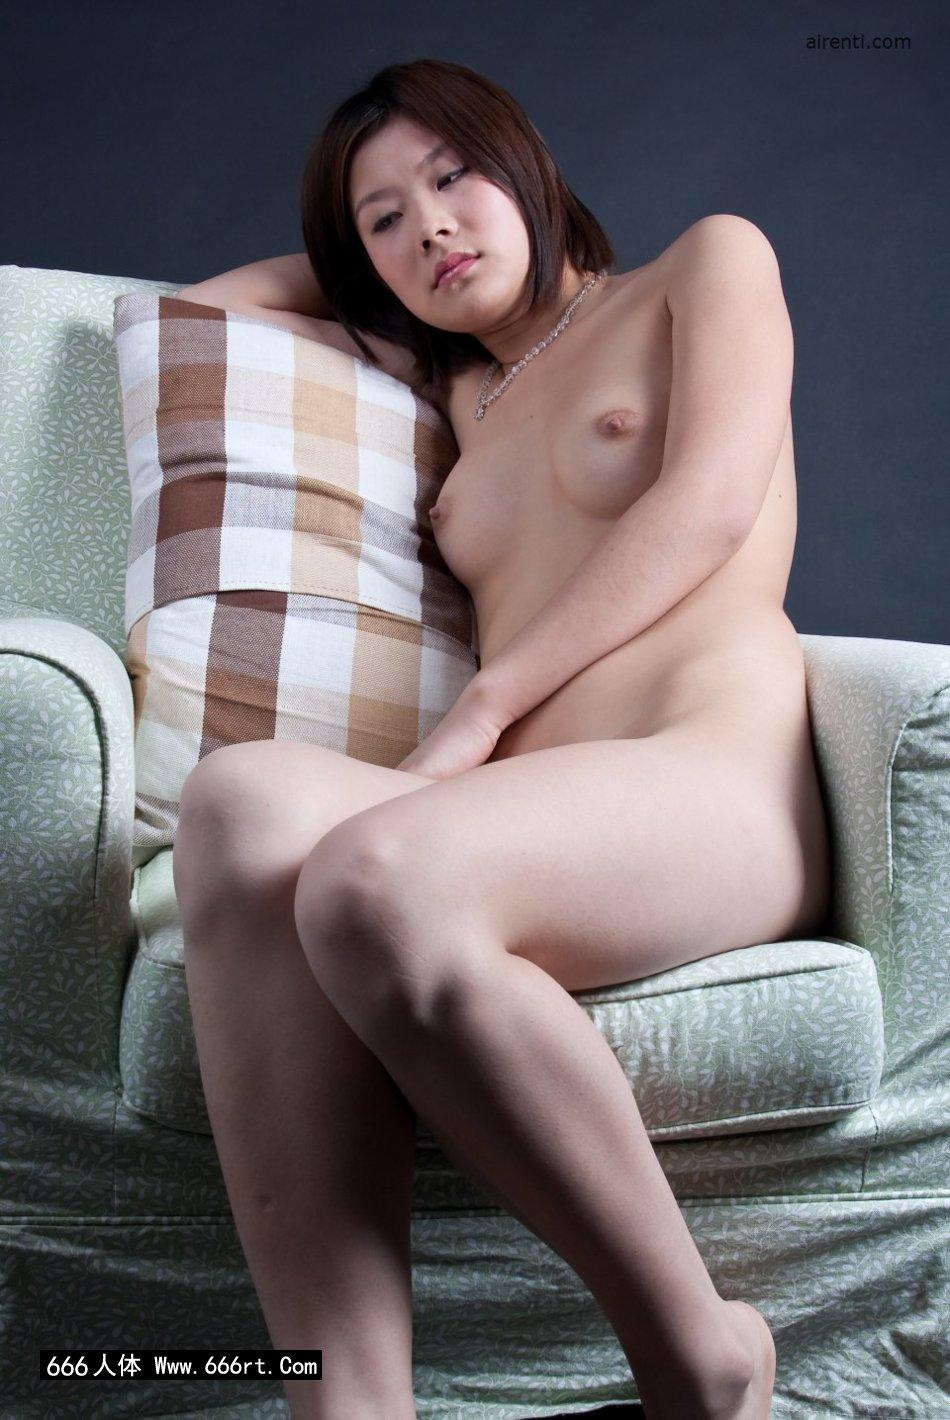 邻家女神宋蕊布艺沙发上室拍人体,啊野亚��琉人体艺术